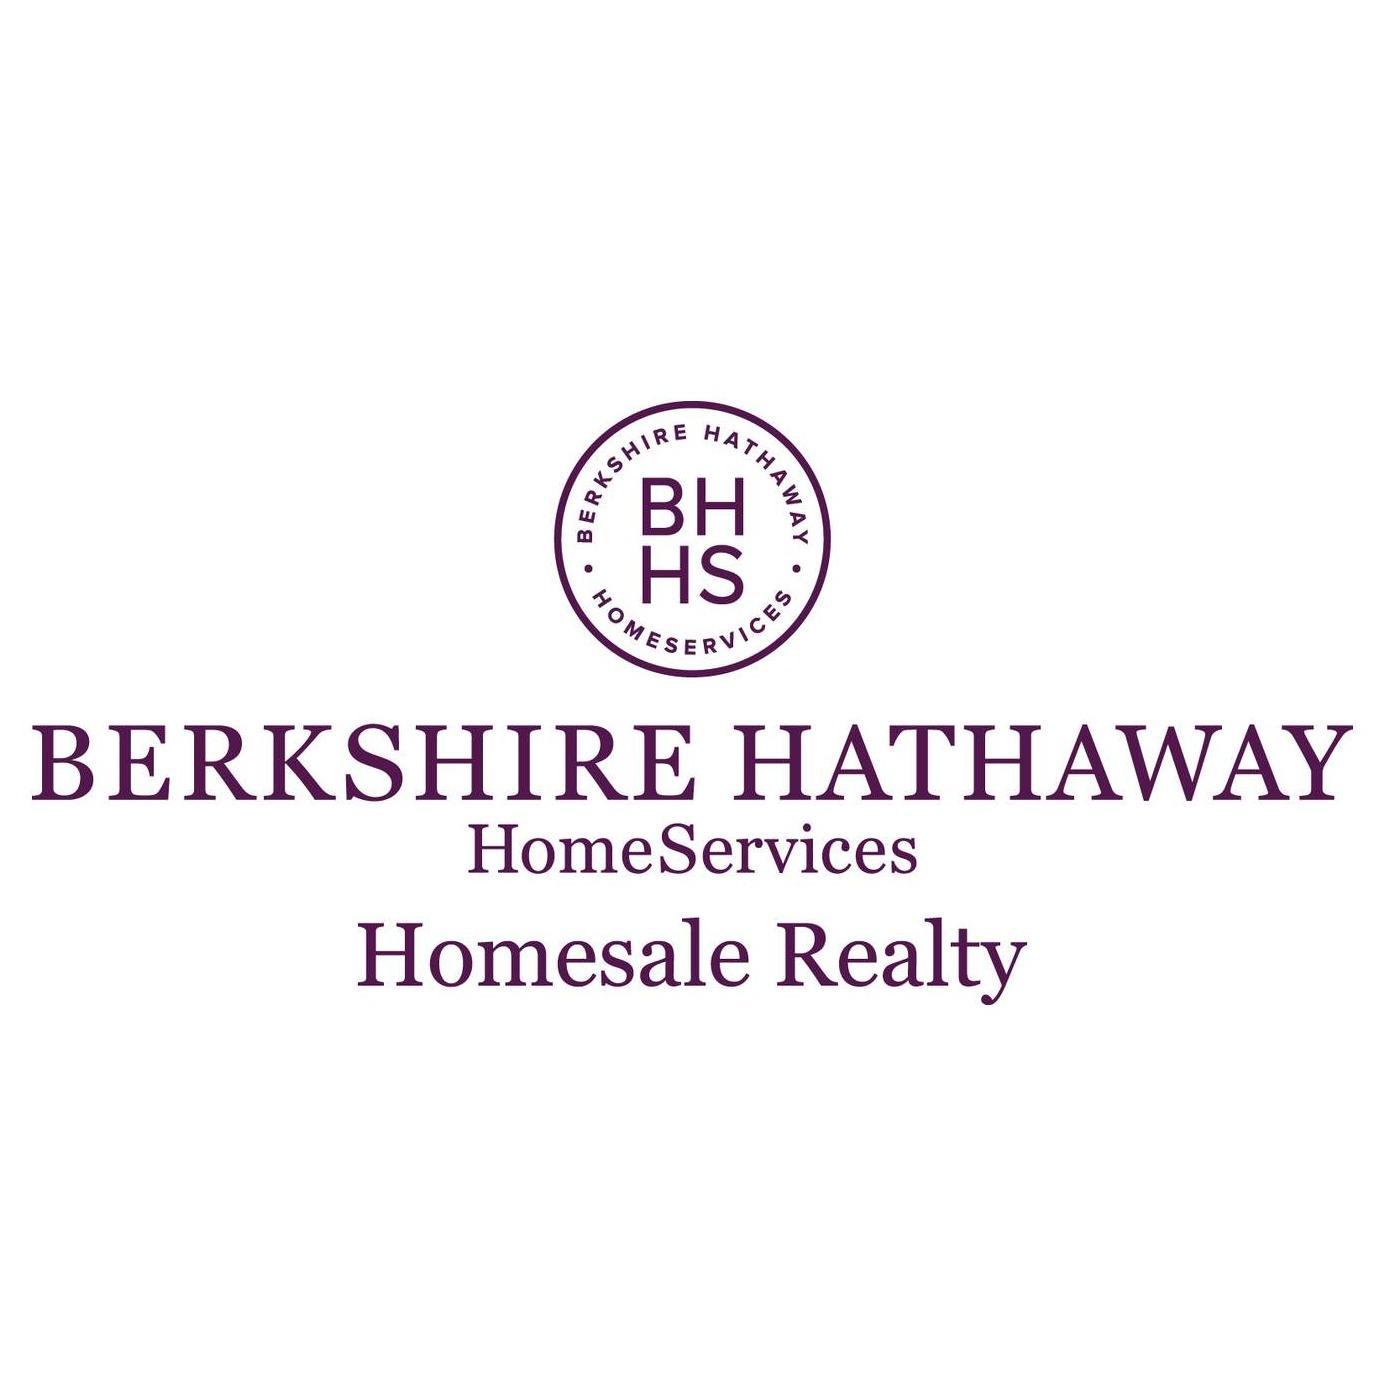 Marie-Noelle Walsh - Berkshire Hathaway Homesale Realty